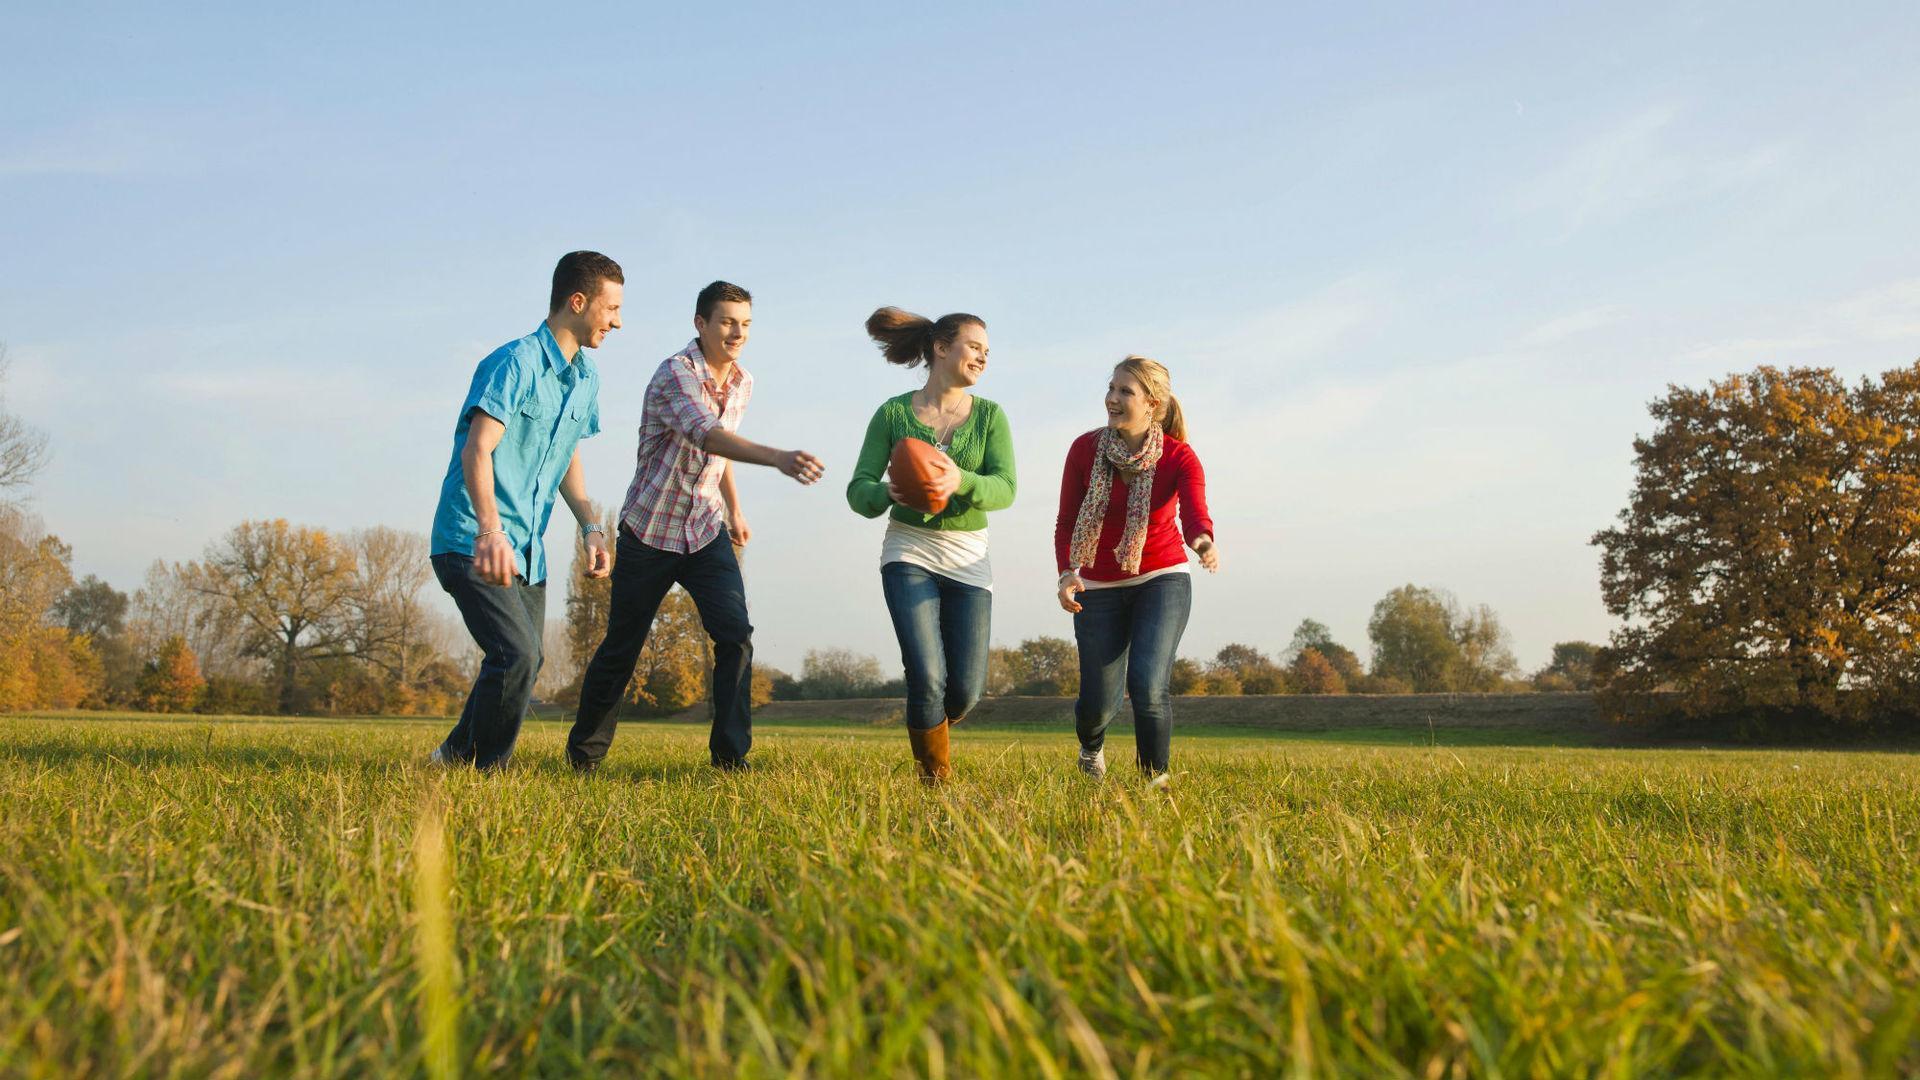 Подростковый возраст следует продлить до 24 лет